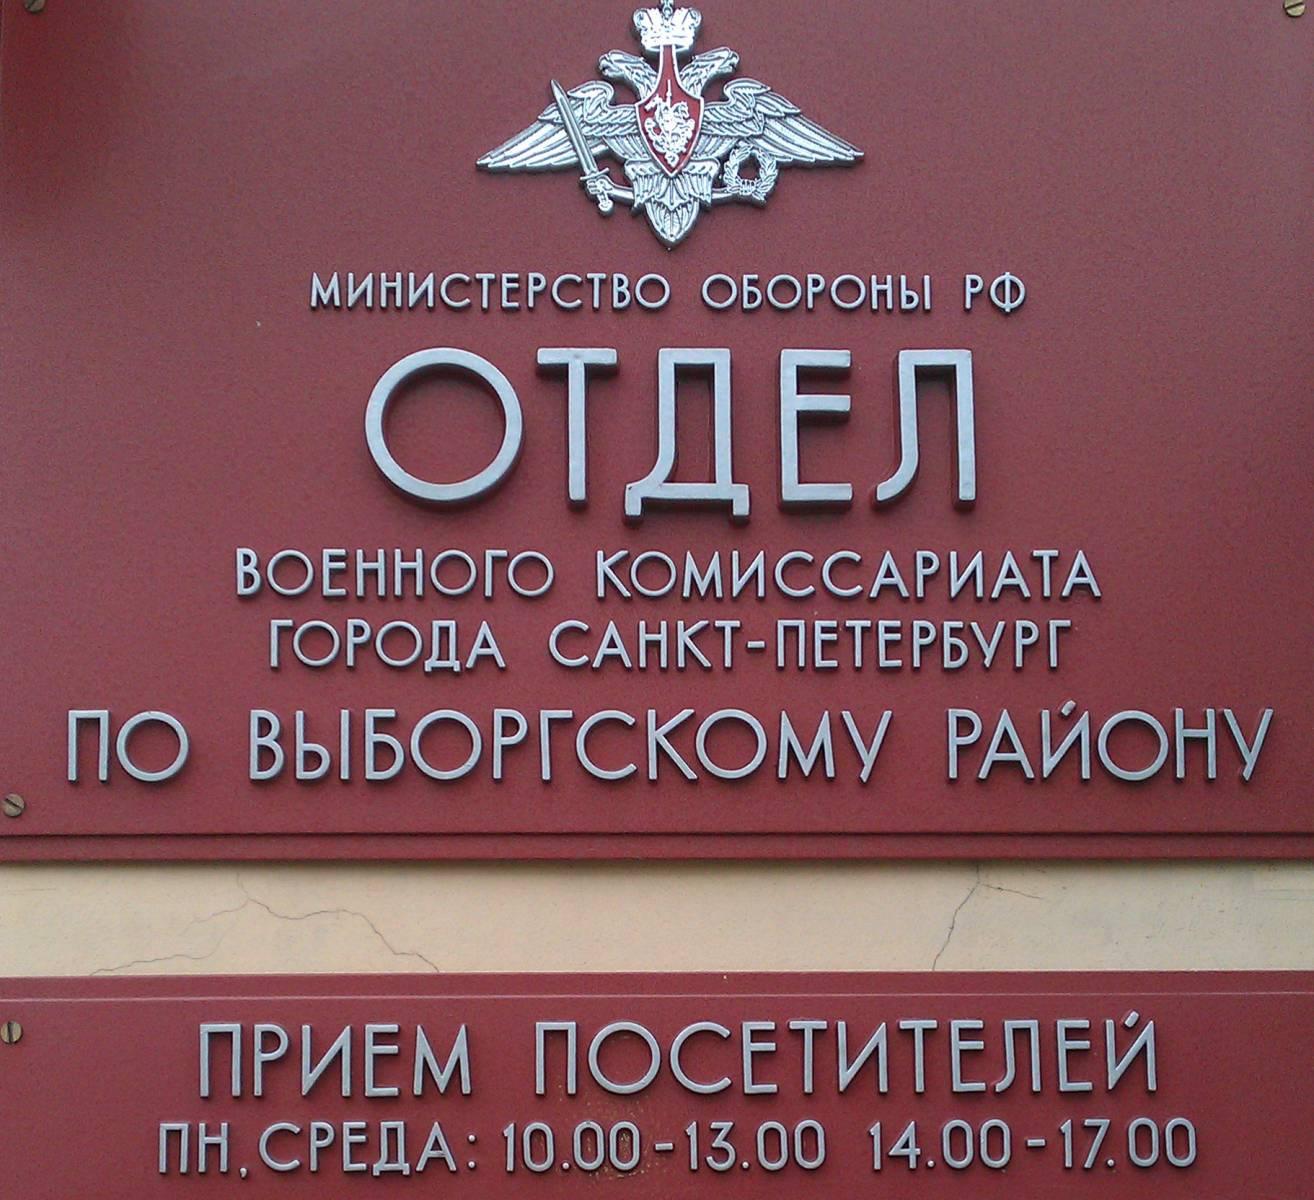 Военный комиссариат города москвы является территориальным органом министерства обороны рос.